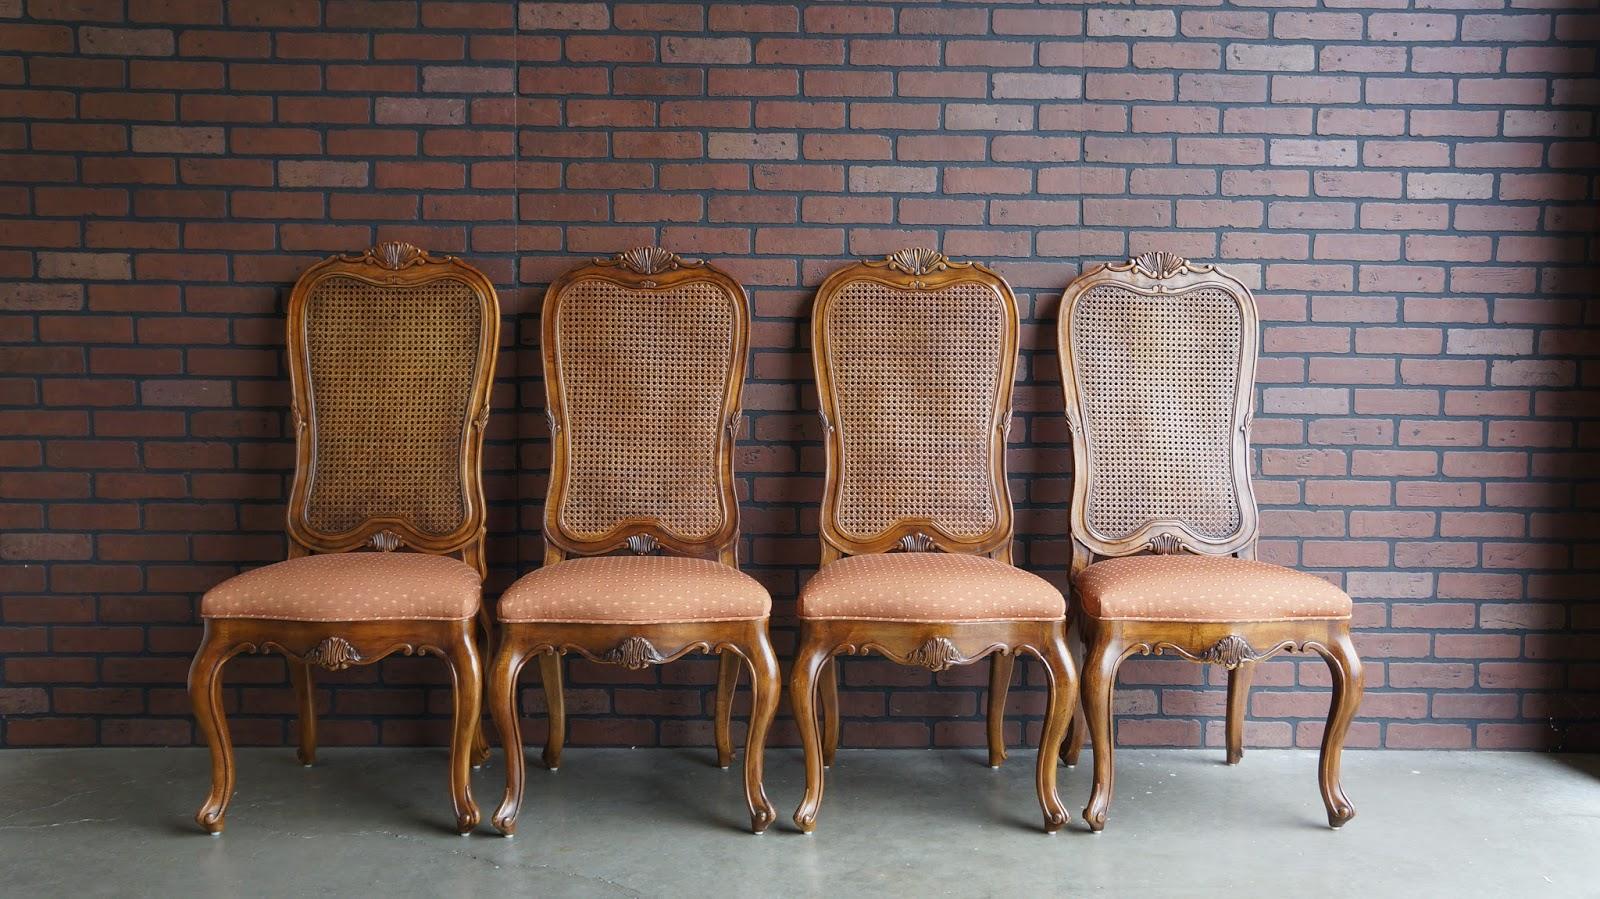 European Flair Furniture Shop Store